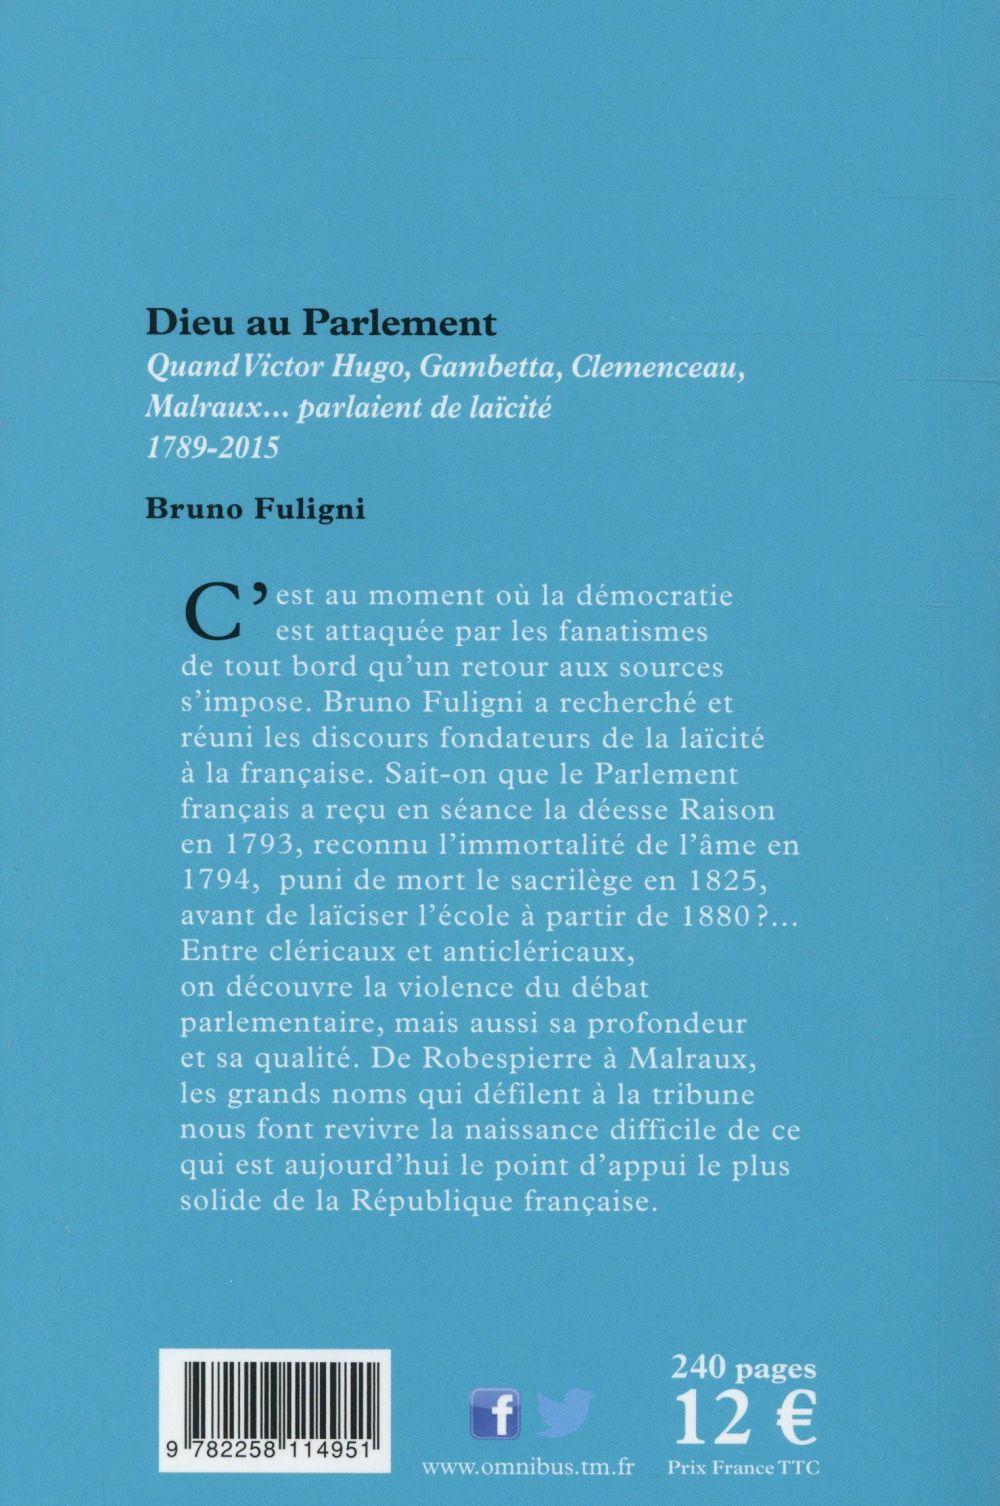 Dieu au parlement